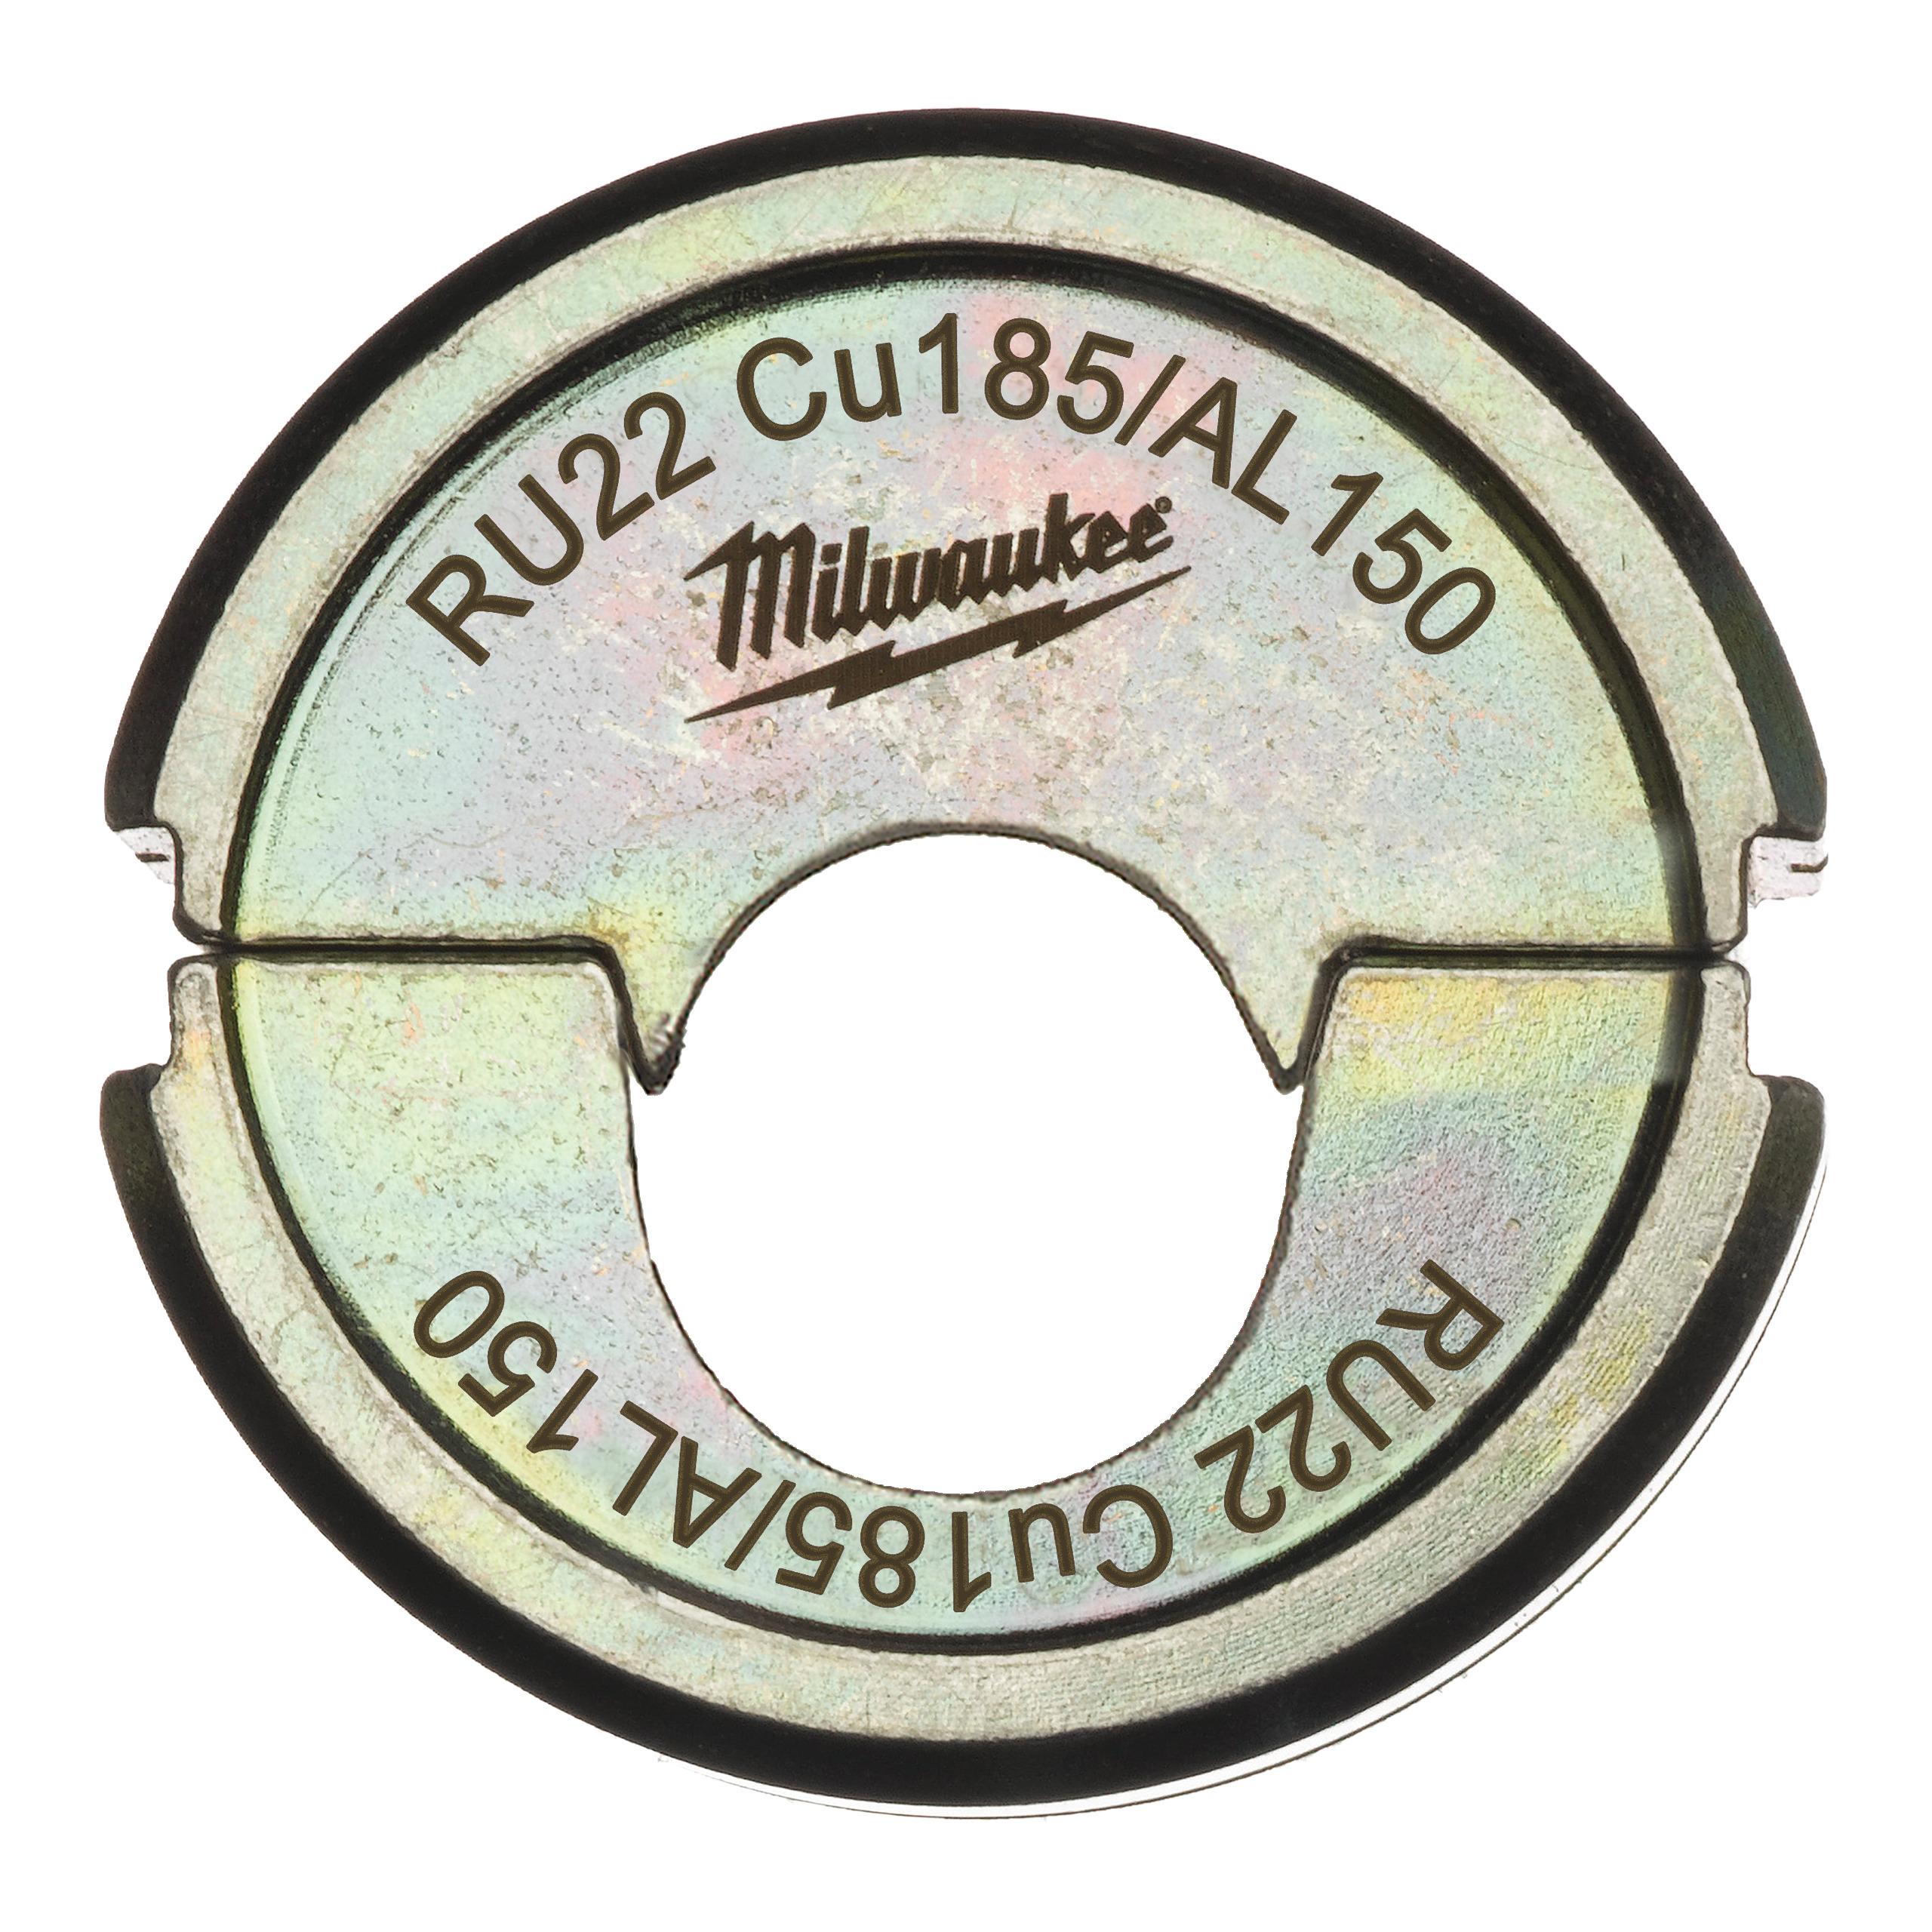 Krimpovací čelisti  RU22 Cu185/AL150